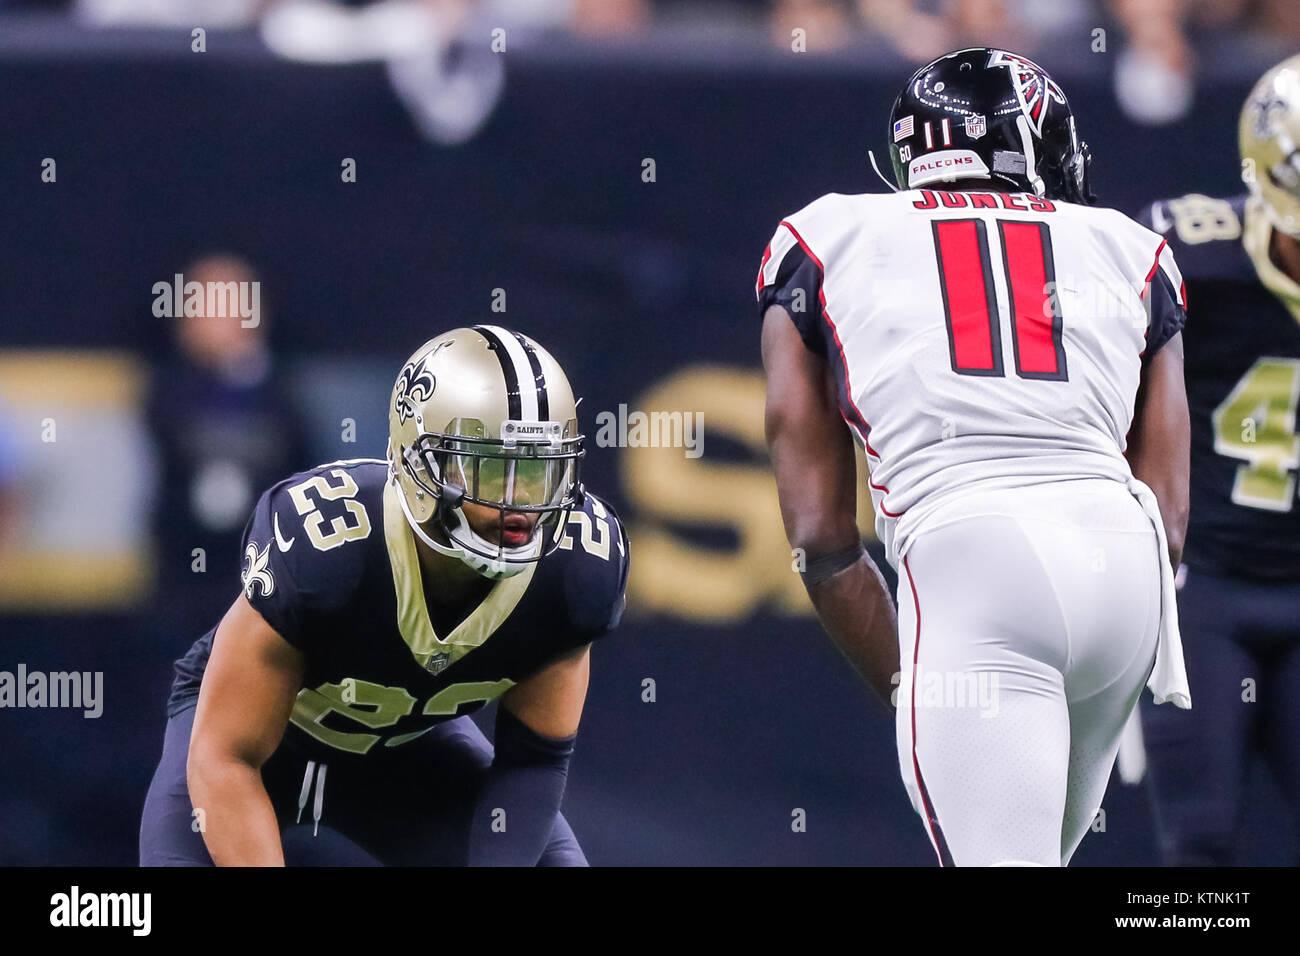 d42ec5a4e9c December 25, 2017 - New Orleans Saints cornerback Marshon Lattimore (23)  defends Atlanta Falcons wide receiver Julio Jones (11) at the Mercedes-Benz  ...